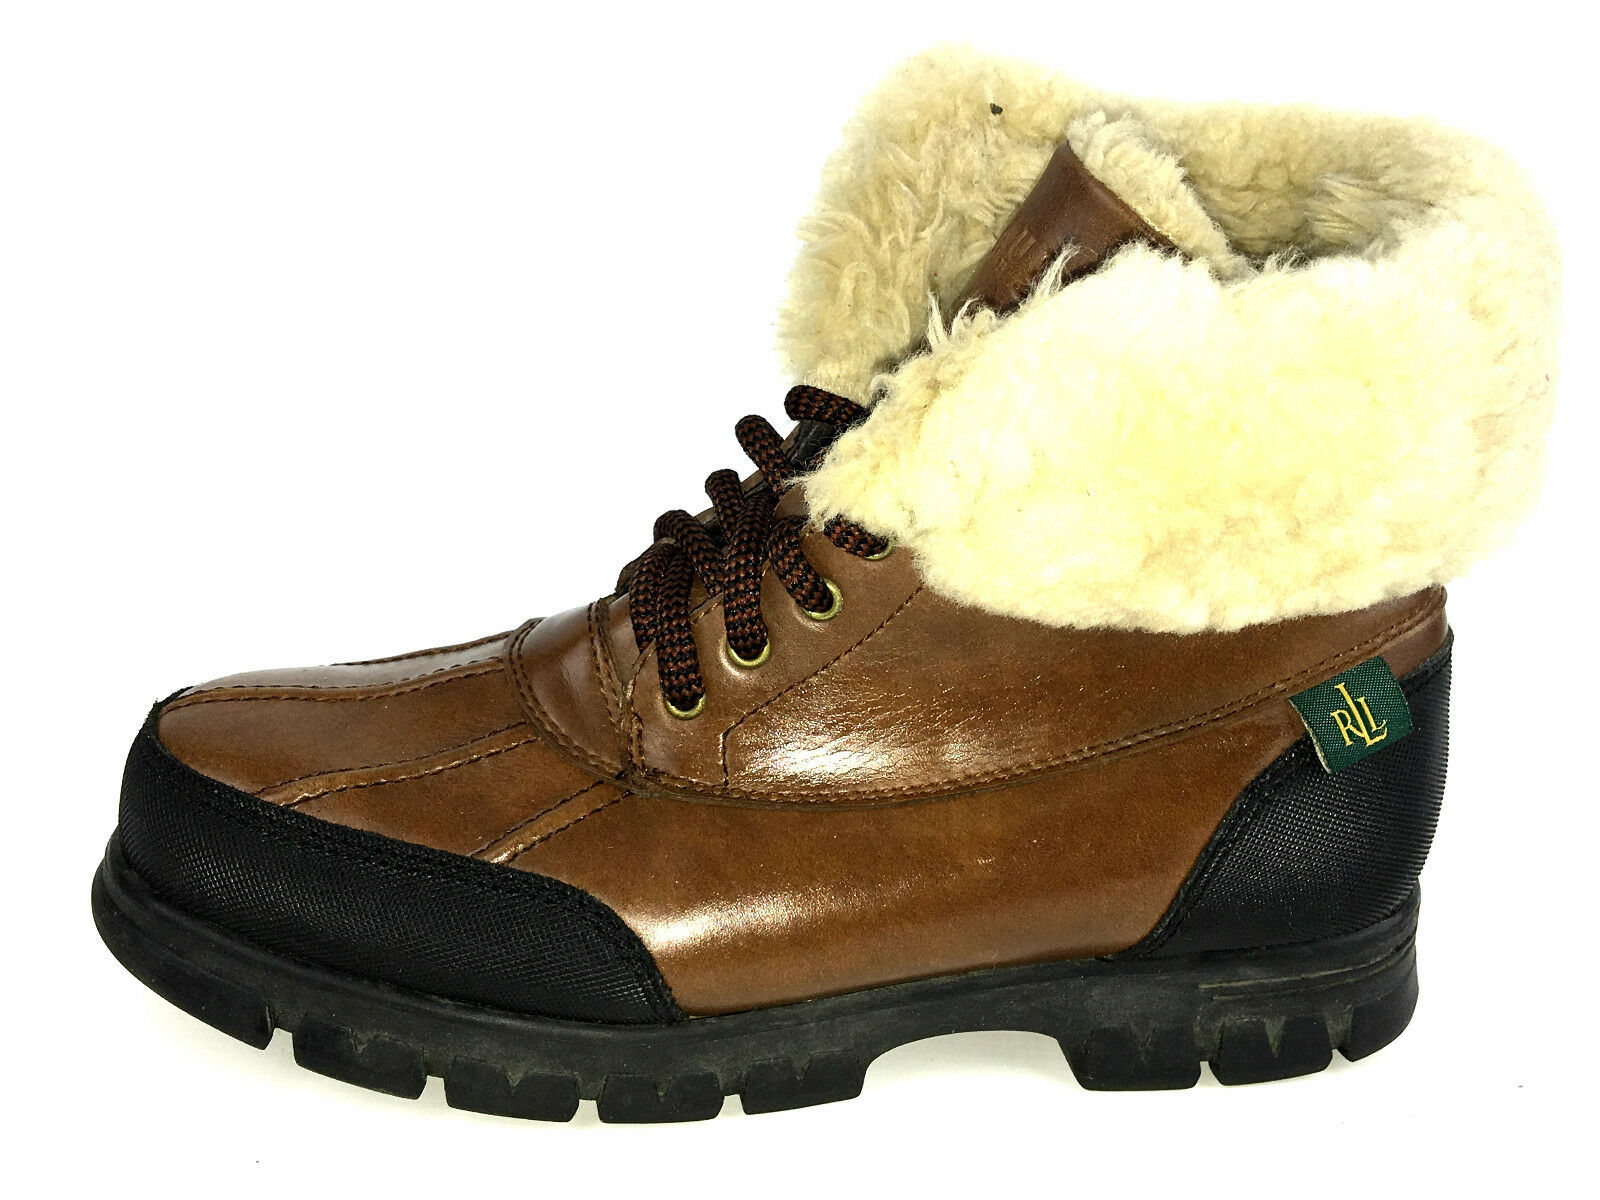 Ralph Lauren Piel de cuero de de de invierno para mujer quinta botas talla 6 EE. UU.  diseñador en linea